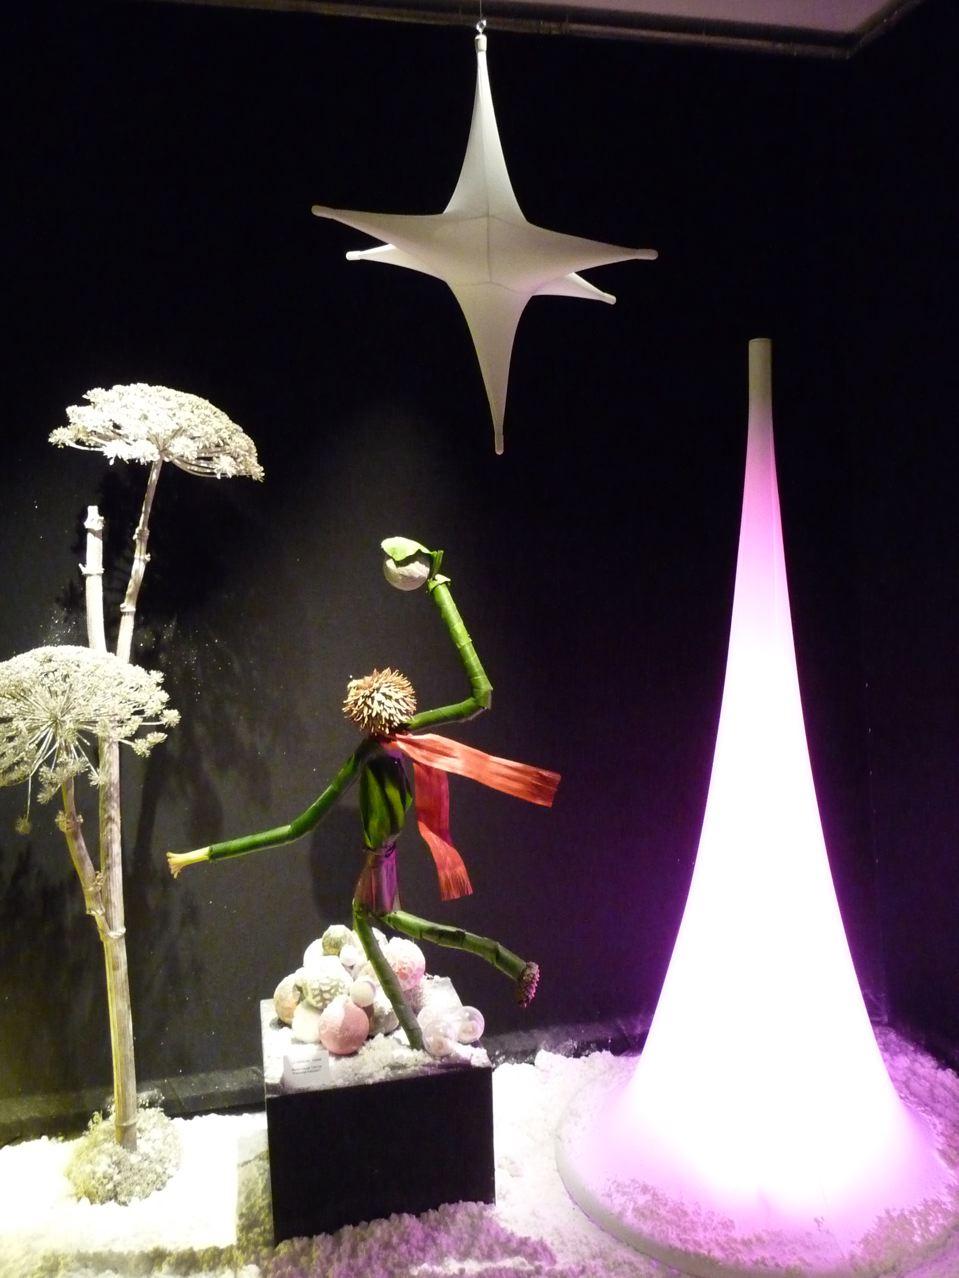 Art floral de Noël, création de Marie-Claude Tantin et Françoise Gaignot (La Cerisaie, Paris), exposition Tempête de neige (SNHF), décembre 2009, photo Alain Delavie